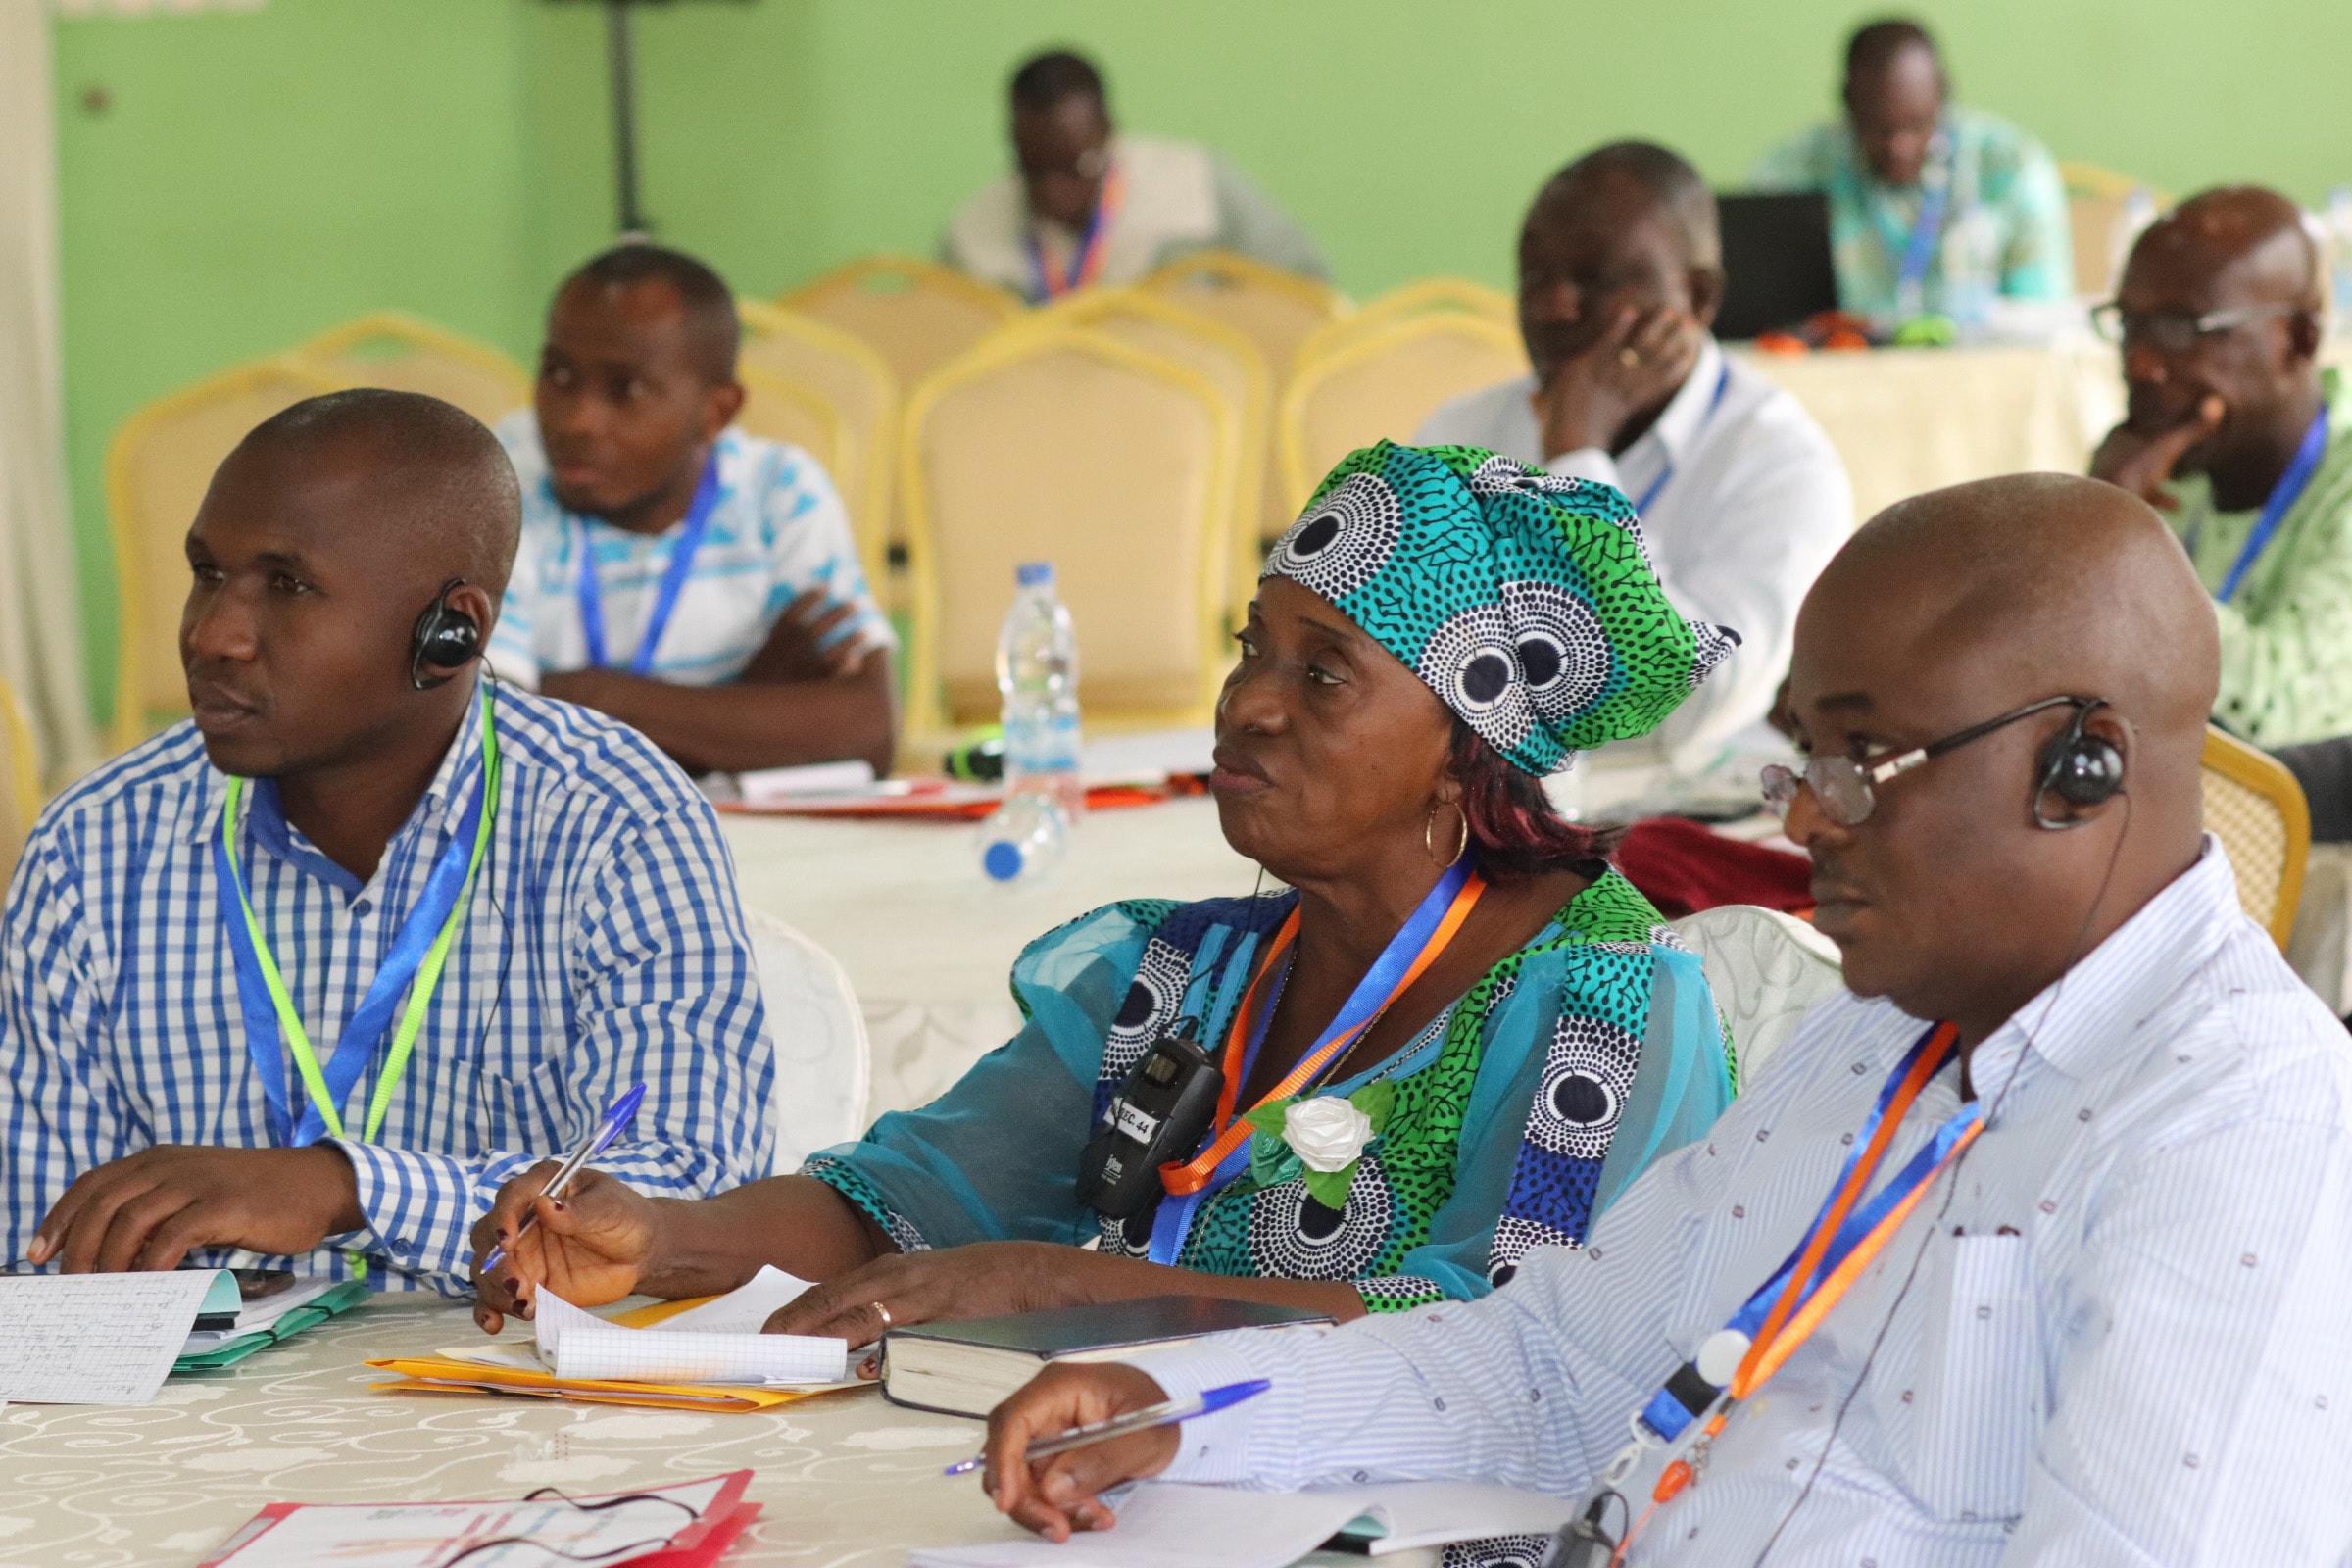 Les participants internationaux écoutent une présentation lors du sommet de l'Eglise Méthodiste Unie sur la lutte contre le VIH / SIDA à Abidjan, en Côte d'Ivoire. (A partir de la gauche), Augustin Bahati, communicateur et membre du conseil de santé de la Conférence provisoire du Rwanda, Pauline Roberts, conseillère en VIH/SIDA et coordinatrice de la Conférence du Libéria, et Dr. Madaki Micah Musa, président du conseil de santé de la Conférence du Nigéria. Photo de Isaac Broune, UMNS.